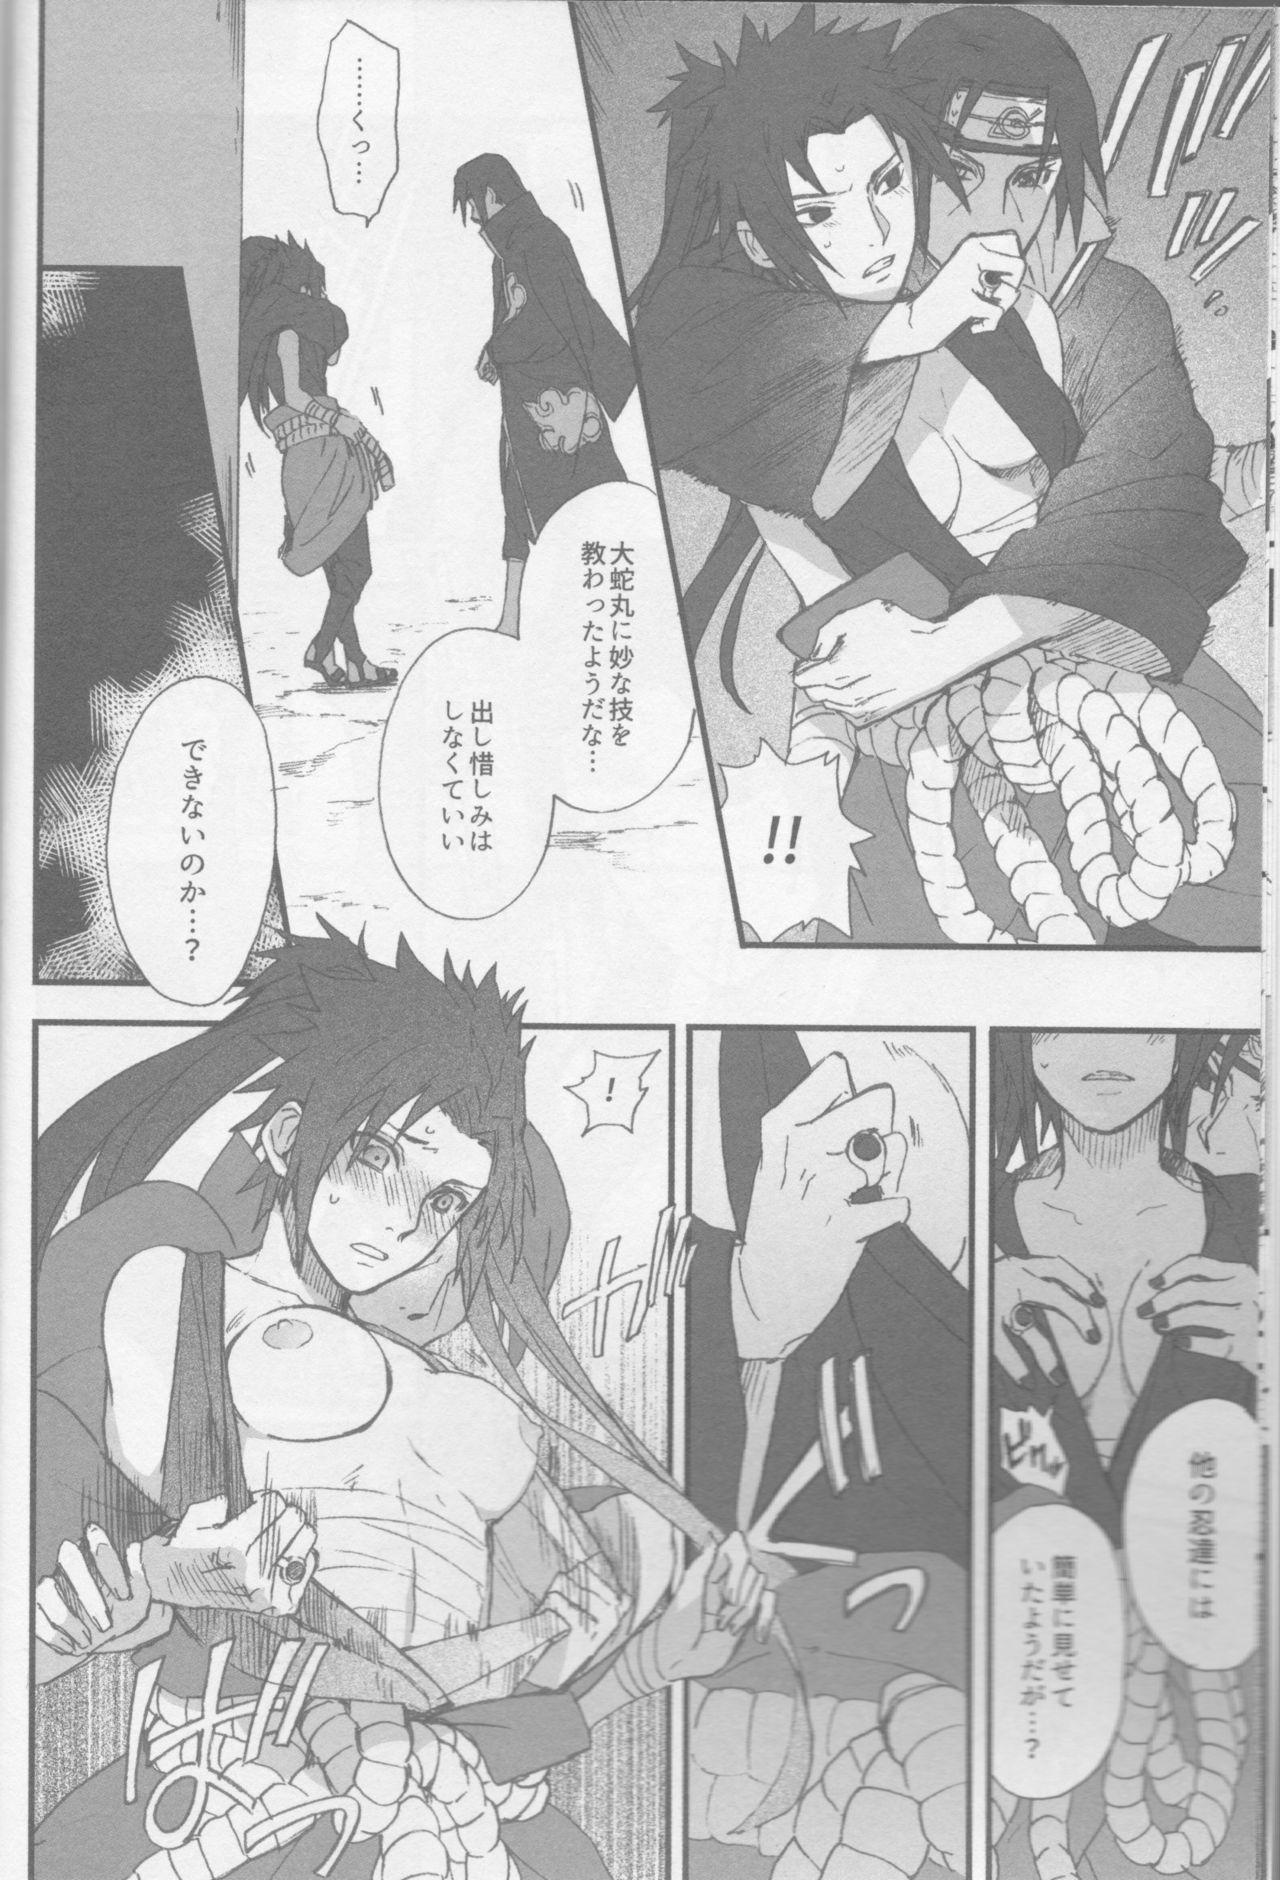 Ore o Konnafuuni Saseta no wa Nii-san Nanda zo 8